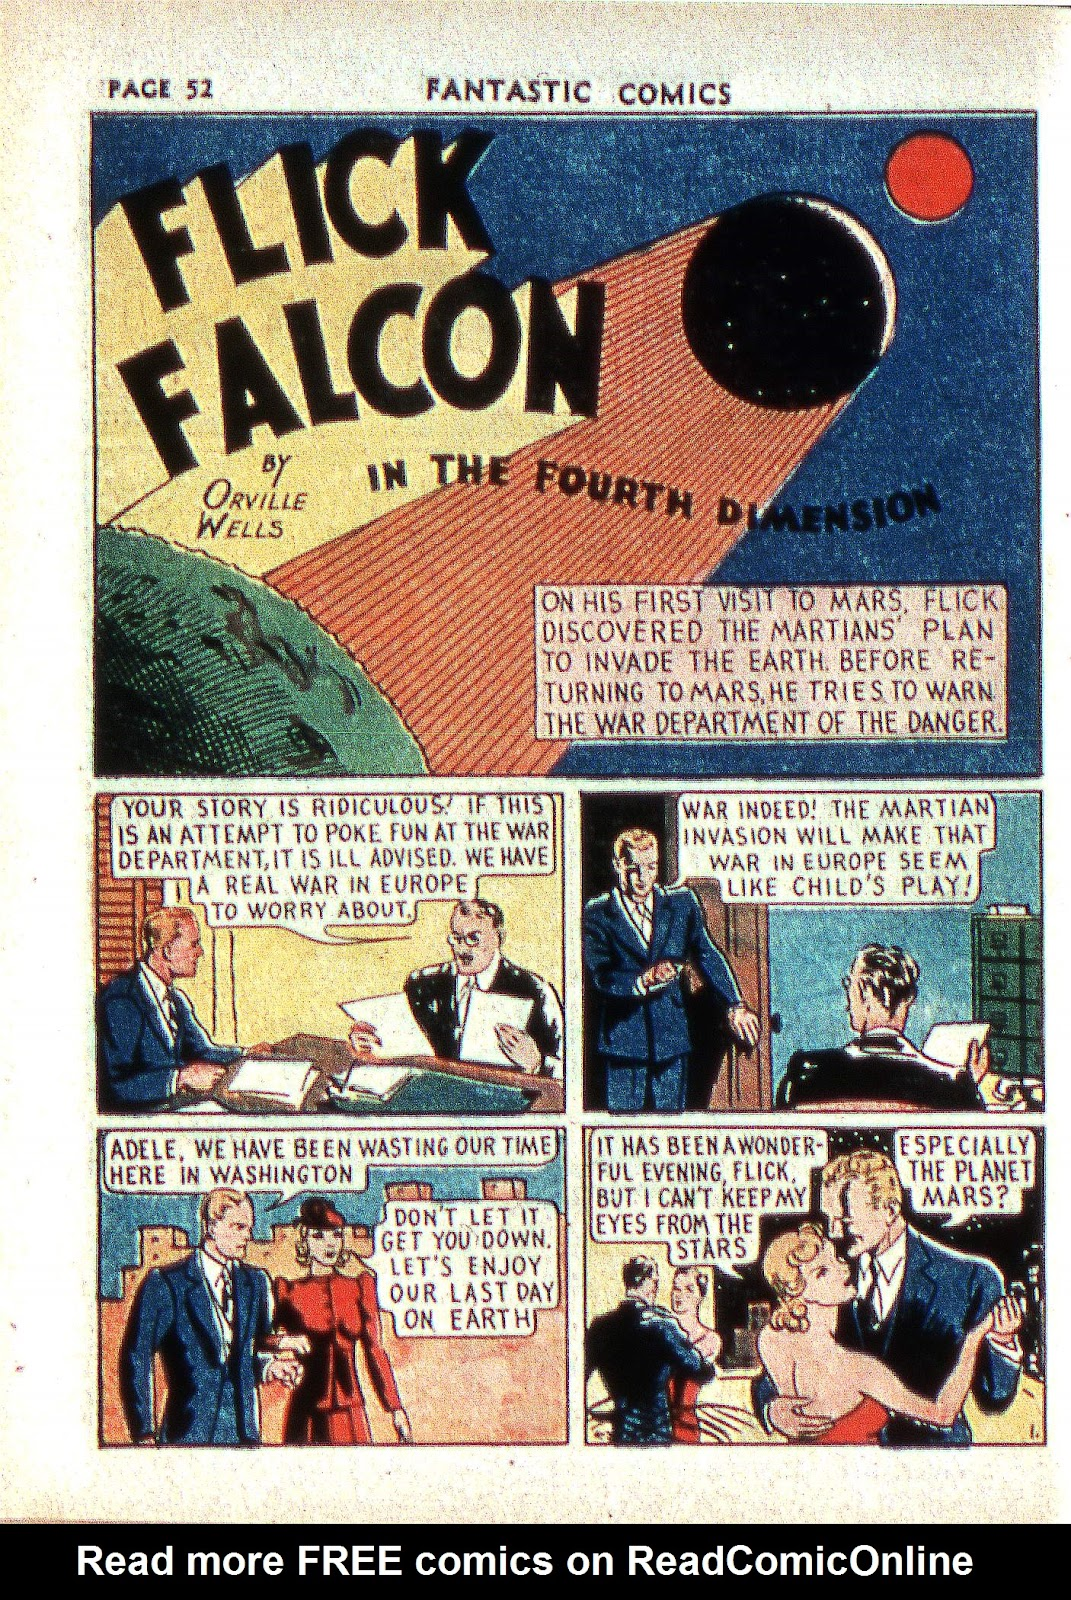 Read online Fantastic Comics comic -  Issue #2 - 53